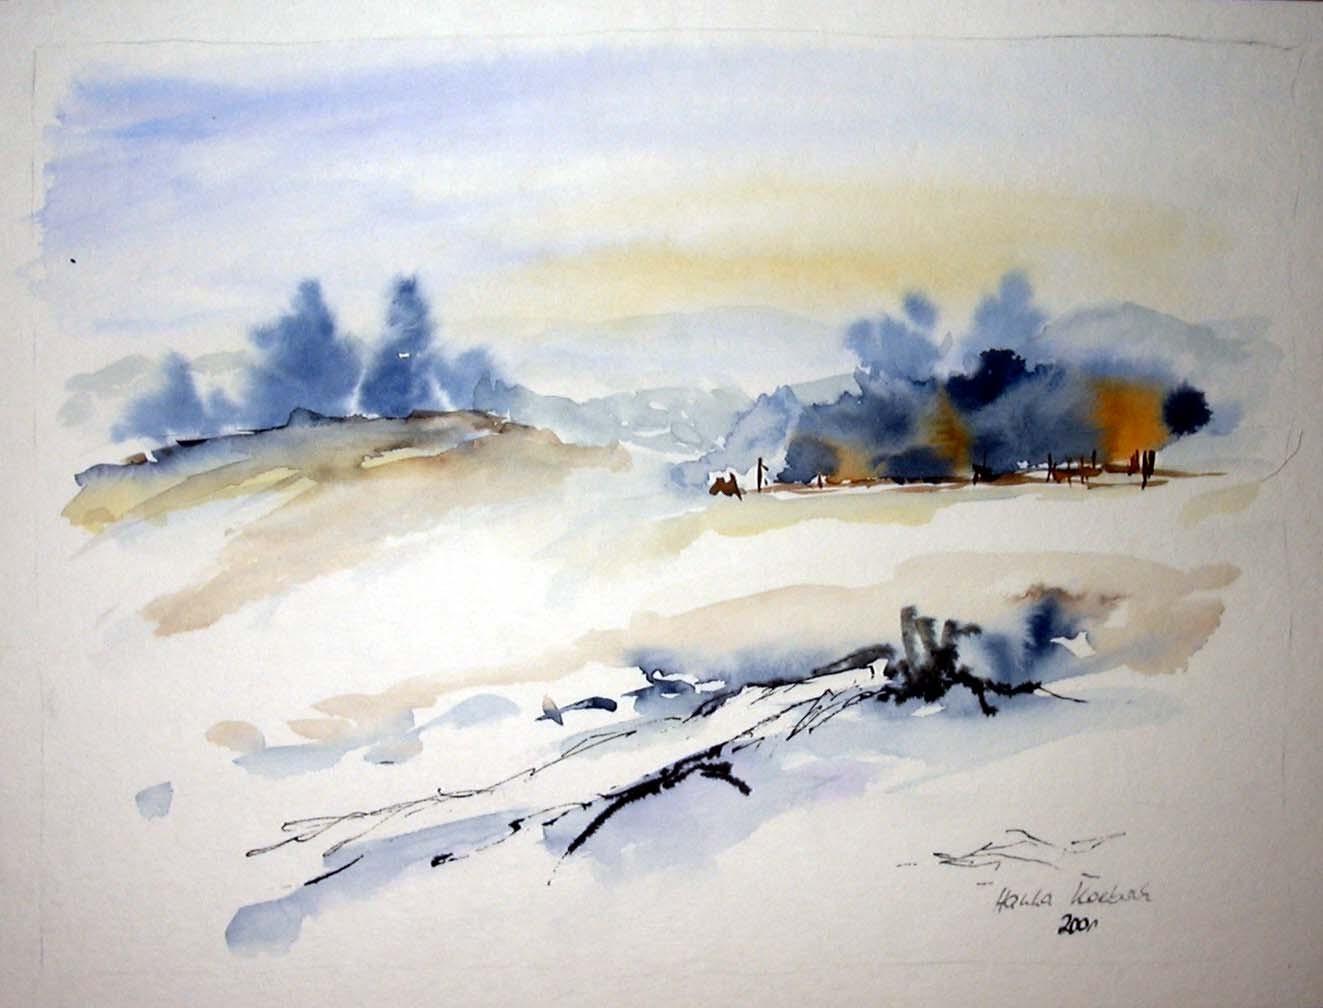 Winter aquarell von hanka koebsch - Aquarell weihnachten ...